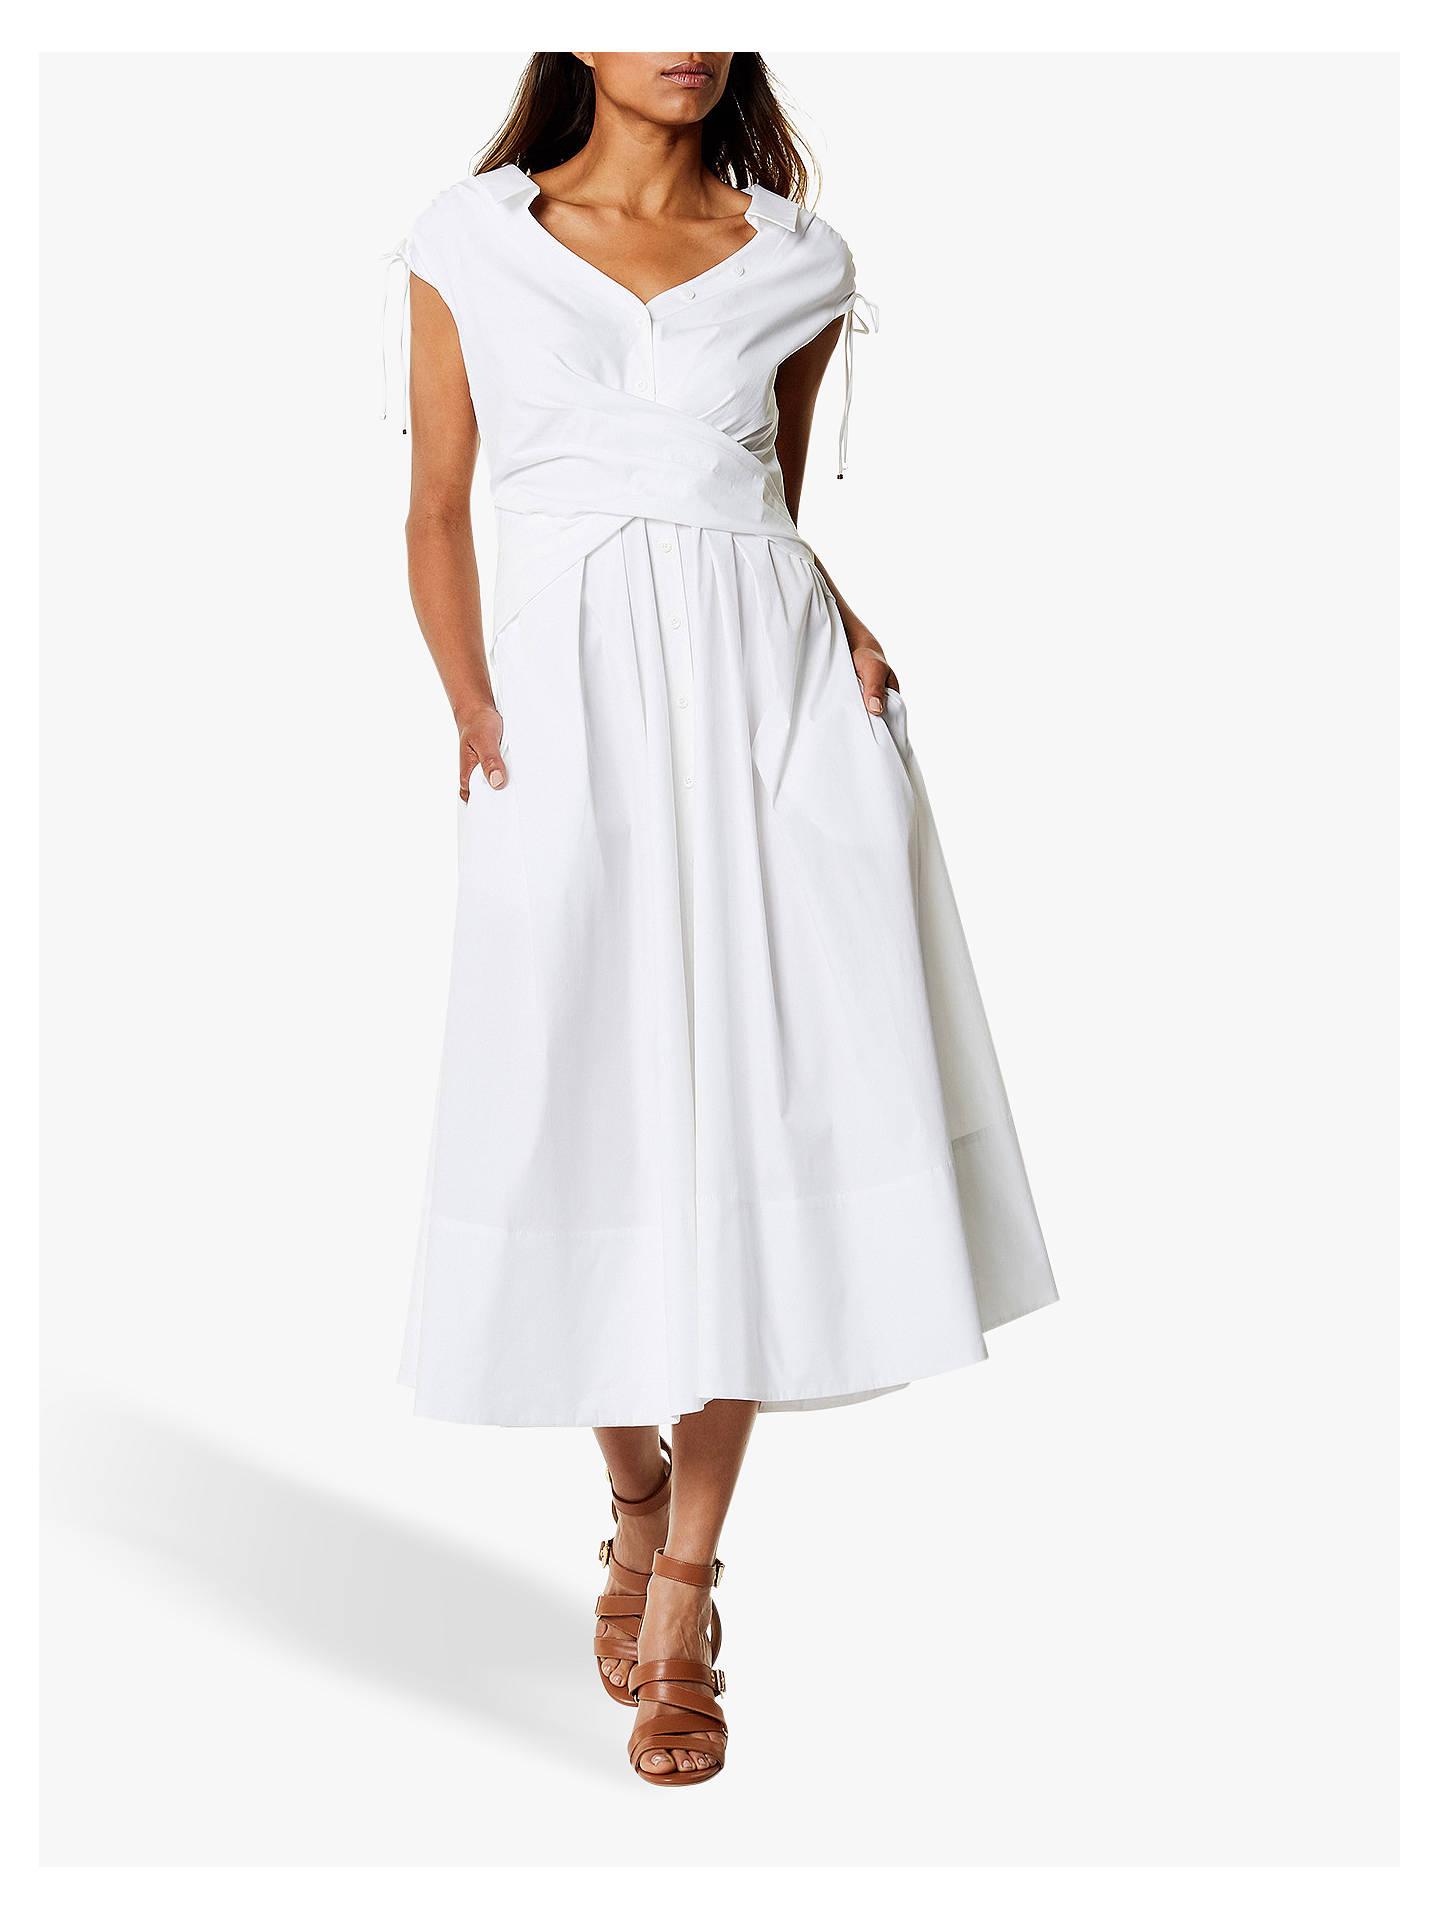 98fbd17940d2 Buy Karen Millen Wrap Shirt Dress, White, 6 Online at johnlewis.com ...